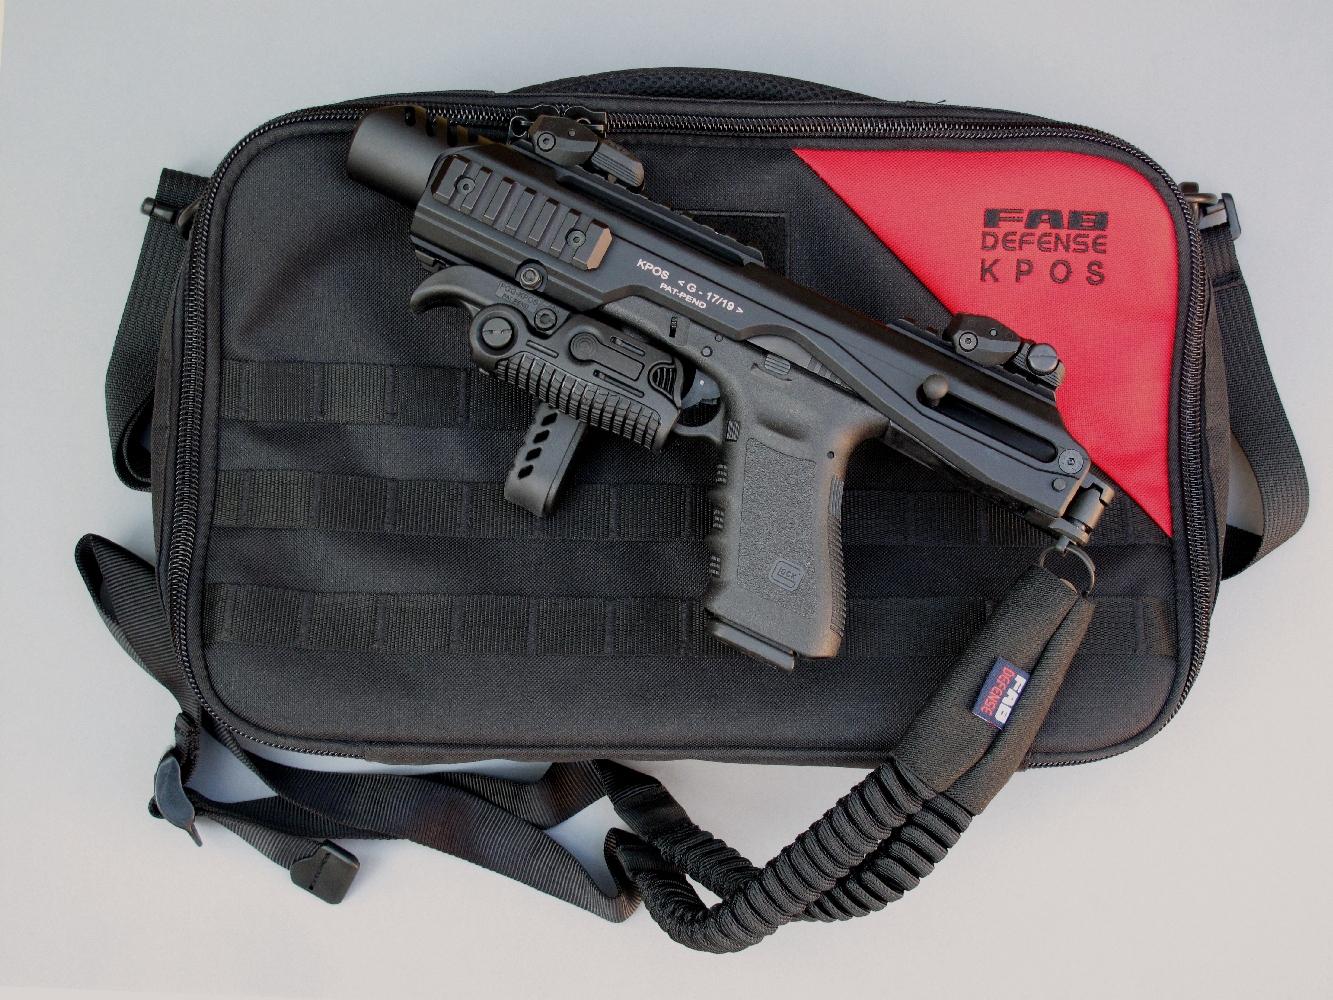 Le kit de conversion KPOS, qui est livré dans une mallette souple en Cordura, se compose d'un boîtier en duralumin équipé d'une crosse rabattable, d'une poignée antérieure ajustable et repliable, d'une hausse et d'un guidon rabattables, réglables en site et en azimut. Sont également fournis un levier d'armement adaptable sur la culasse du Glock et d'une sangle tactique à un point d'accrochage.